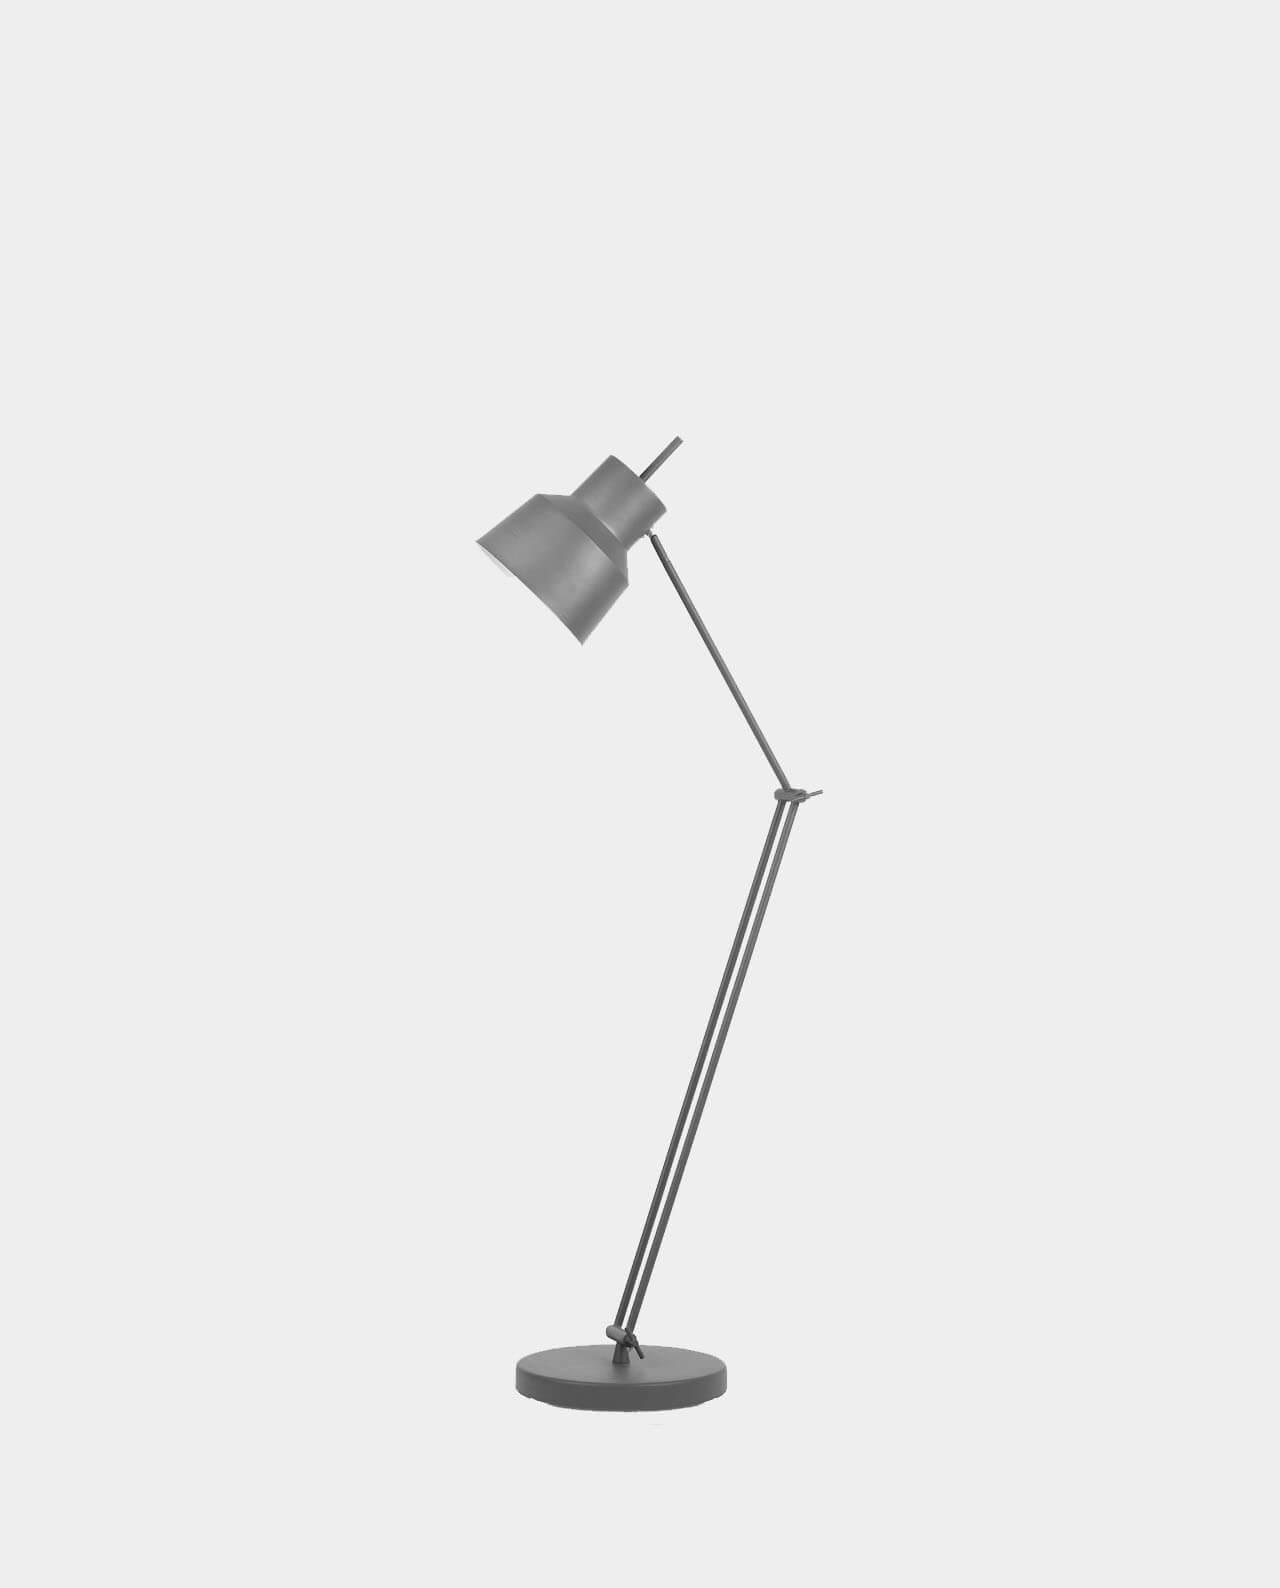 Stehlampe Belfast Jetzt Online Kaufen Satamo De